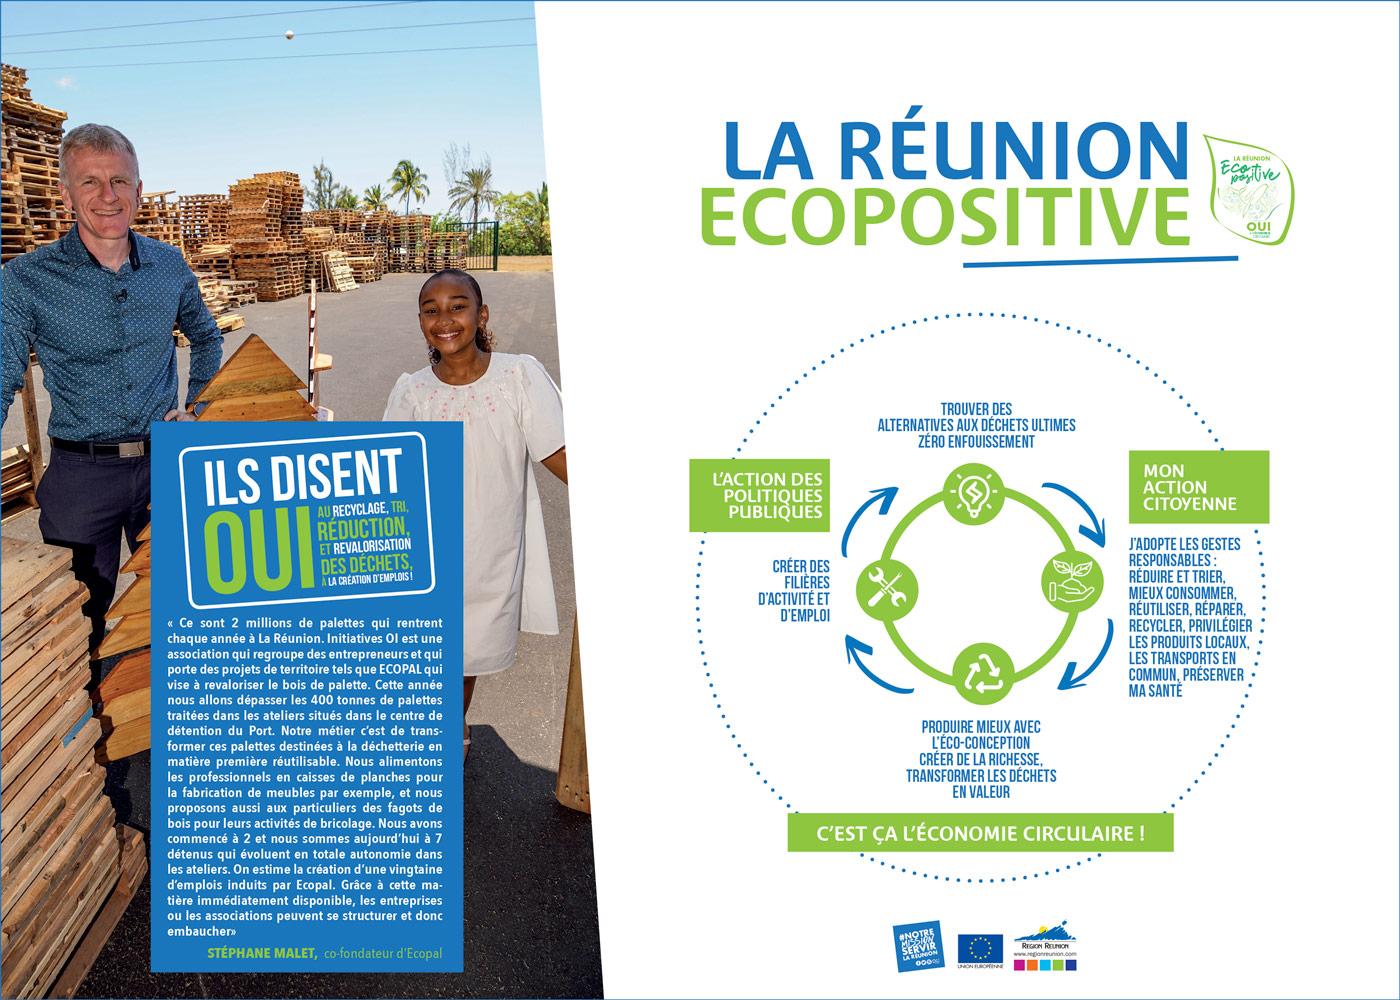 La Réunion Écopositive - Ecopal